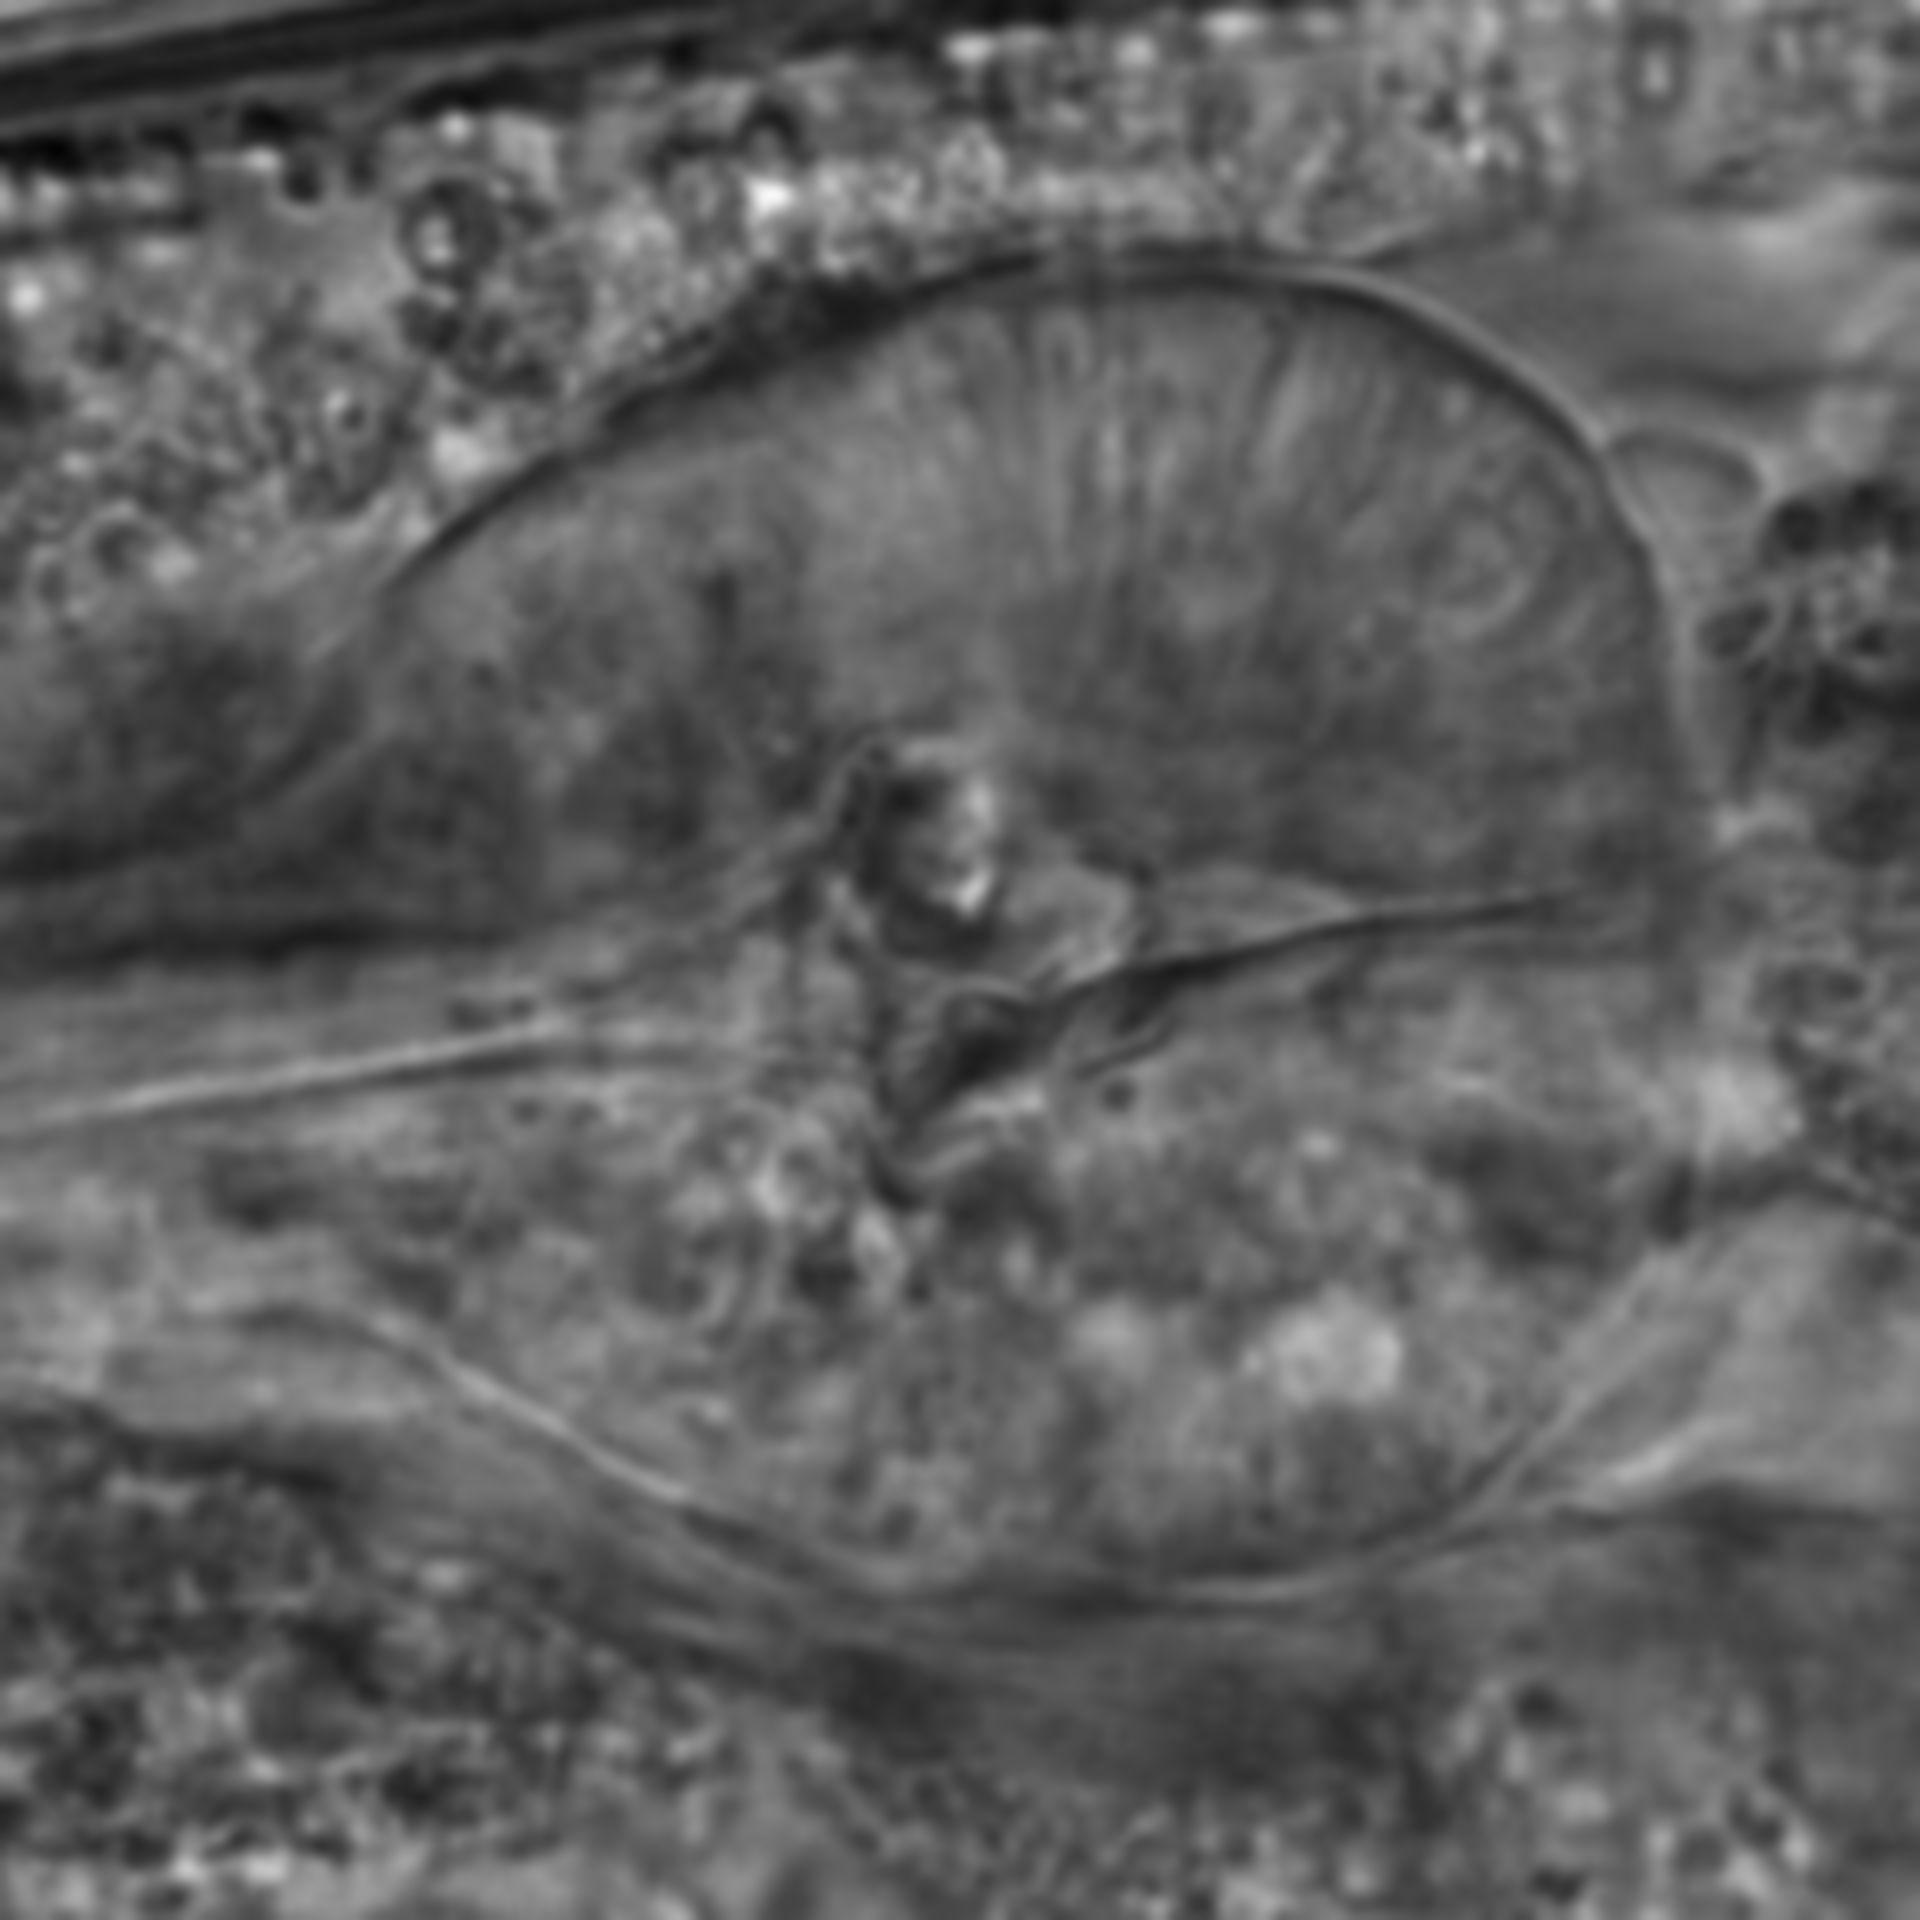 Caenorhabditis elegans - CIL:2141